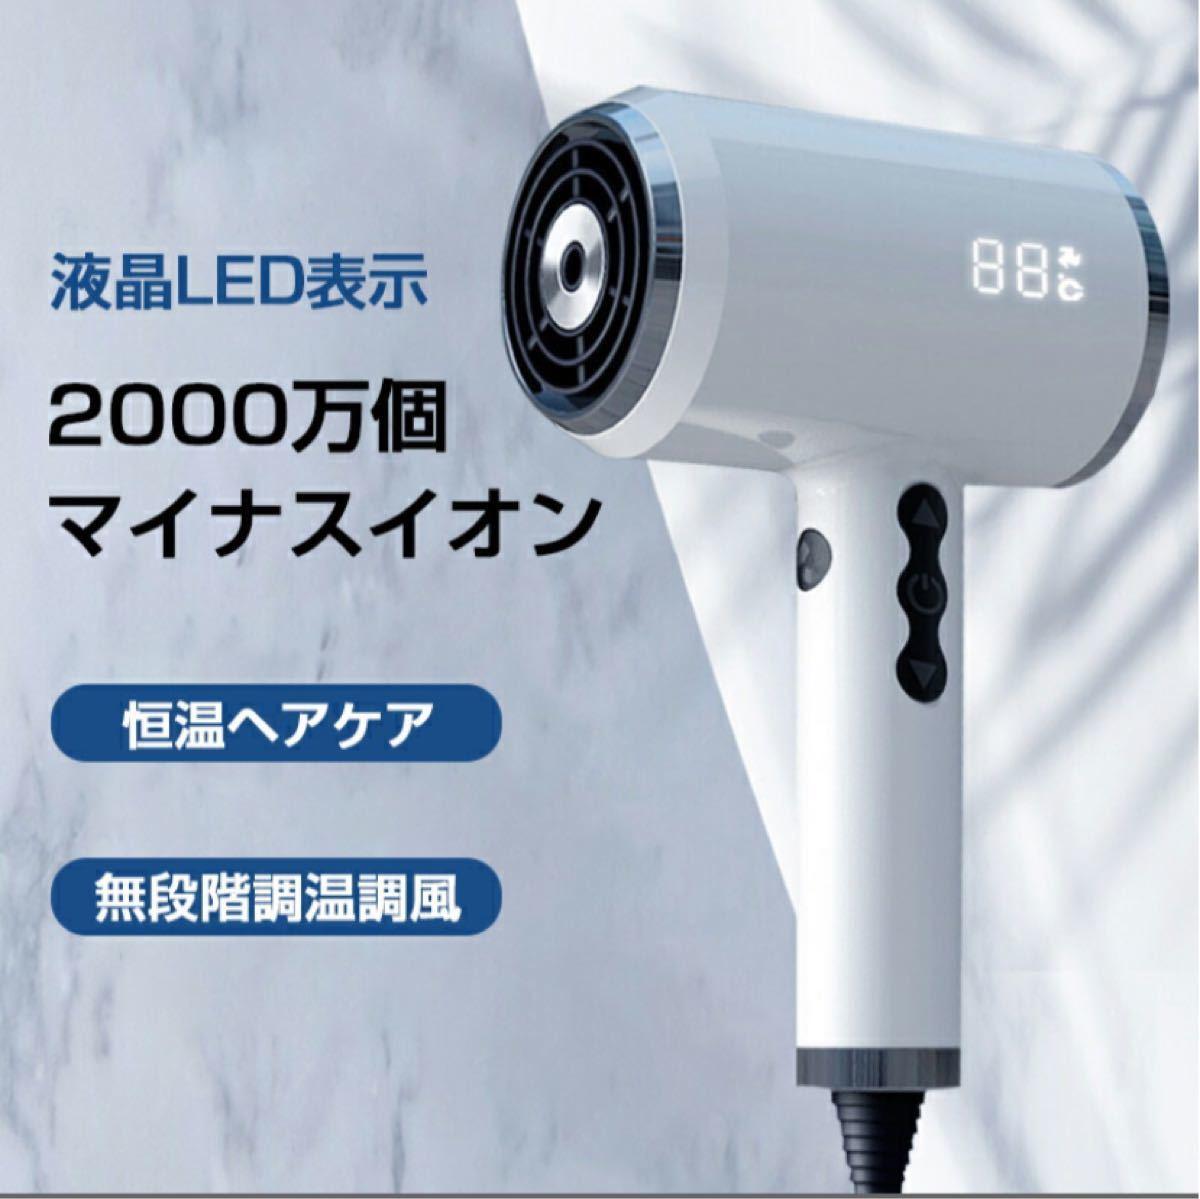 ◆新品◆ Larte ヘアドライヤー 大風量 軽量 2000万個マイナスイオン 無段階調温調風 LEDディスプレイ 速乾 美容院用